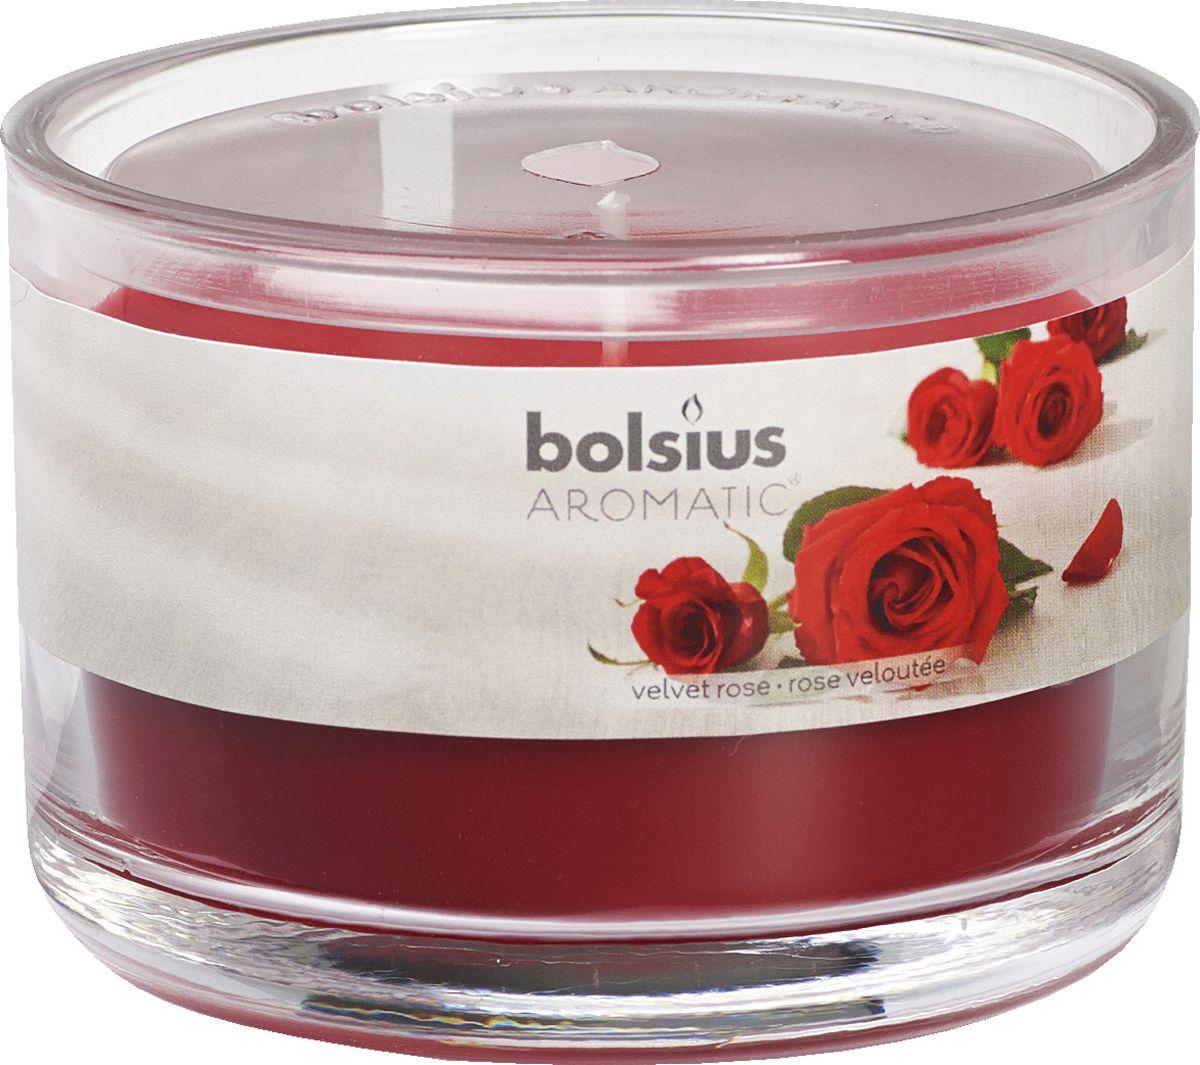 Свеча ароматизированная Bolsius Роза, высота 6,3 смPH5894Ароматизированная свеча Bolsius, изготовленная из парафина, помещена в подсвечник, выполненный из стекла. Изделие отличается оригинальным дизайном и приятным ароматом. Такая свеча не только поможет дополнить интерьер вашей комнаты, но и станет отличным подарком.